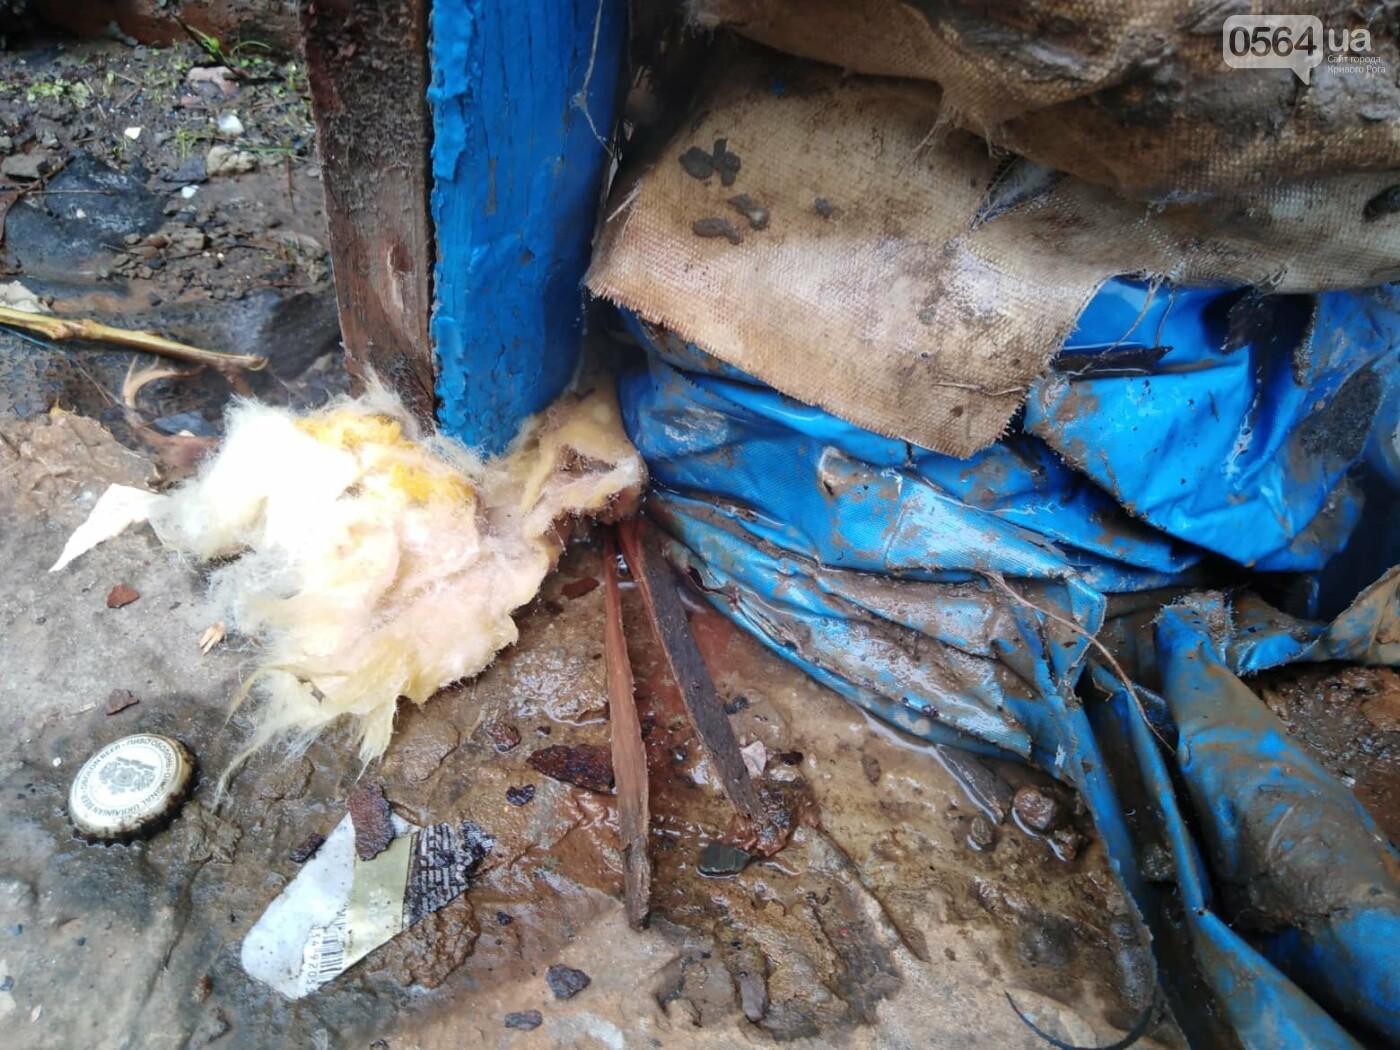 Не дождавшись тепловиков, криворожане принялись ликвидировать аварию на теплосети подручными средствами, - ФОТО, фото-8